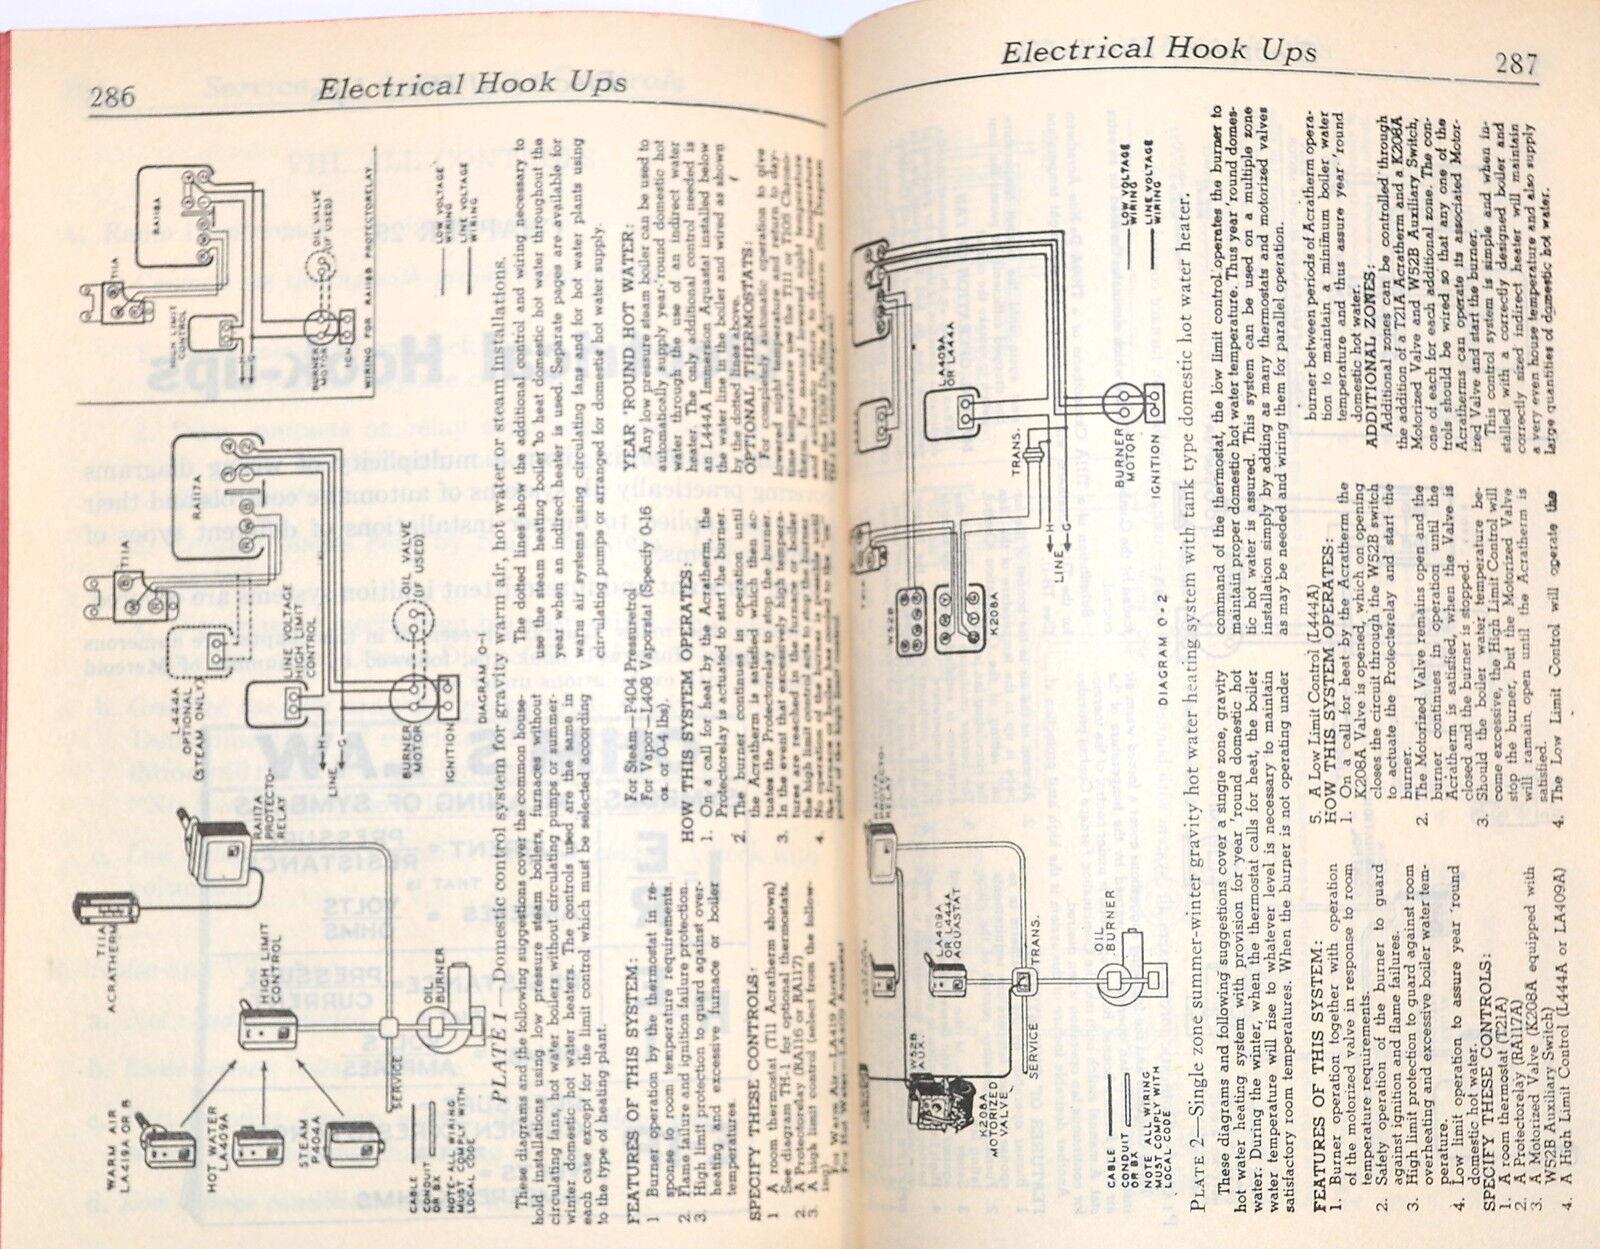 New - How Steam Heating Systems Work | bunda-daffa.com